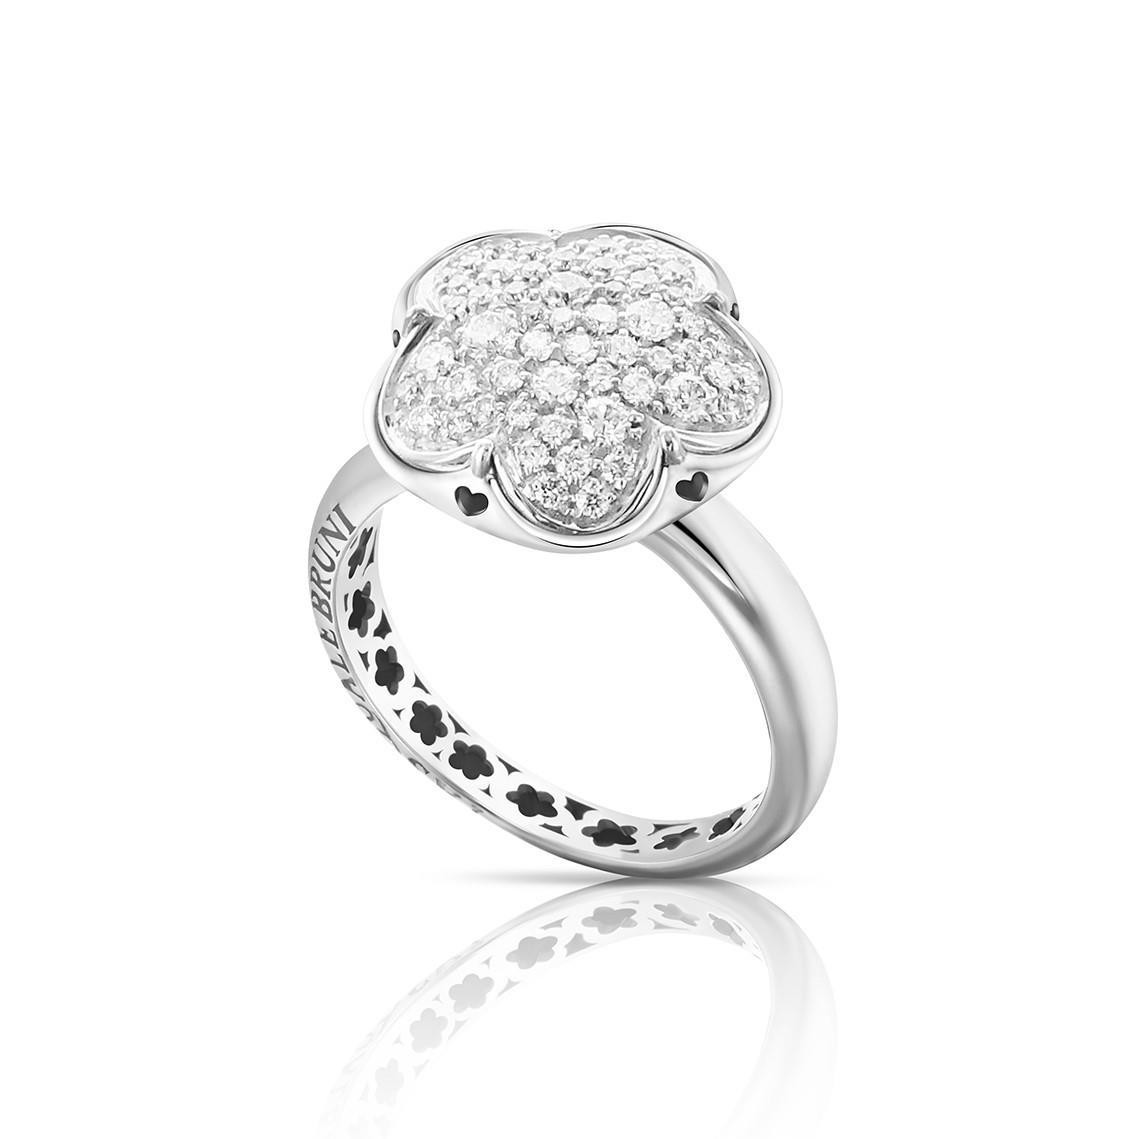 Anello design con diamanti - PASQUALE BRUNI